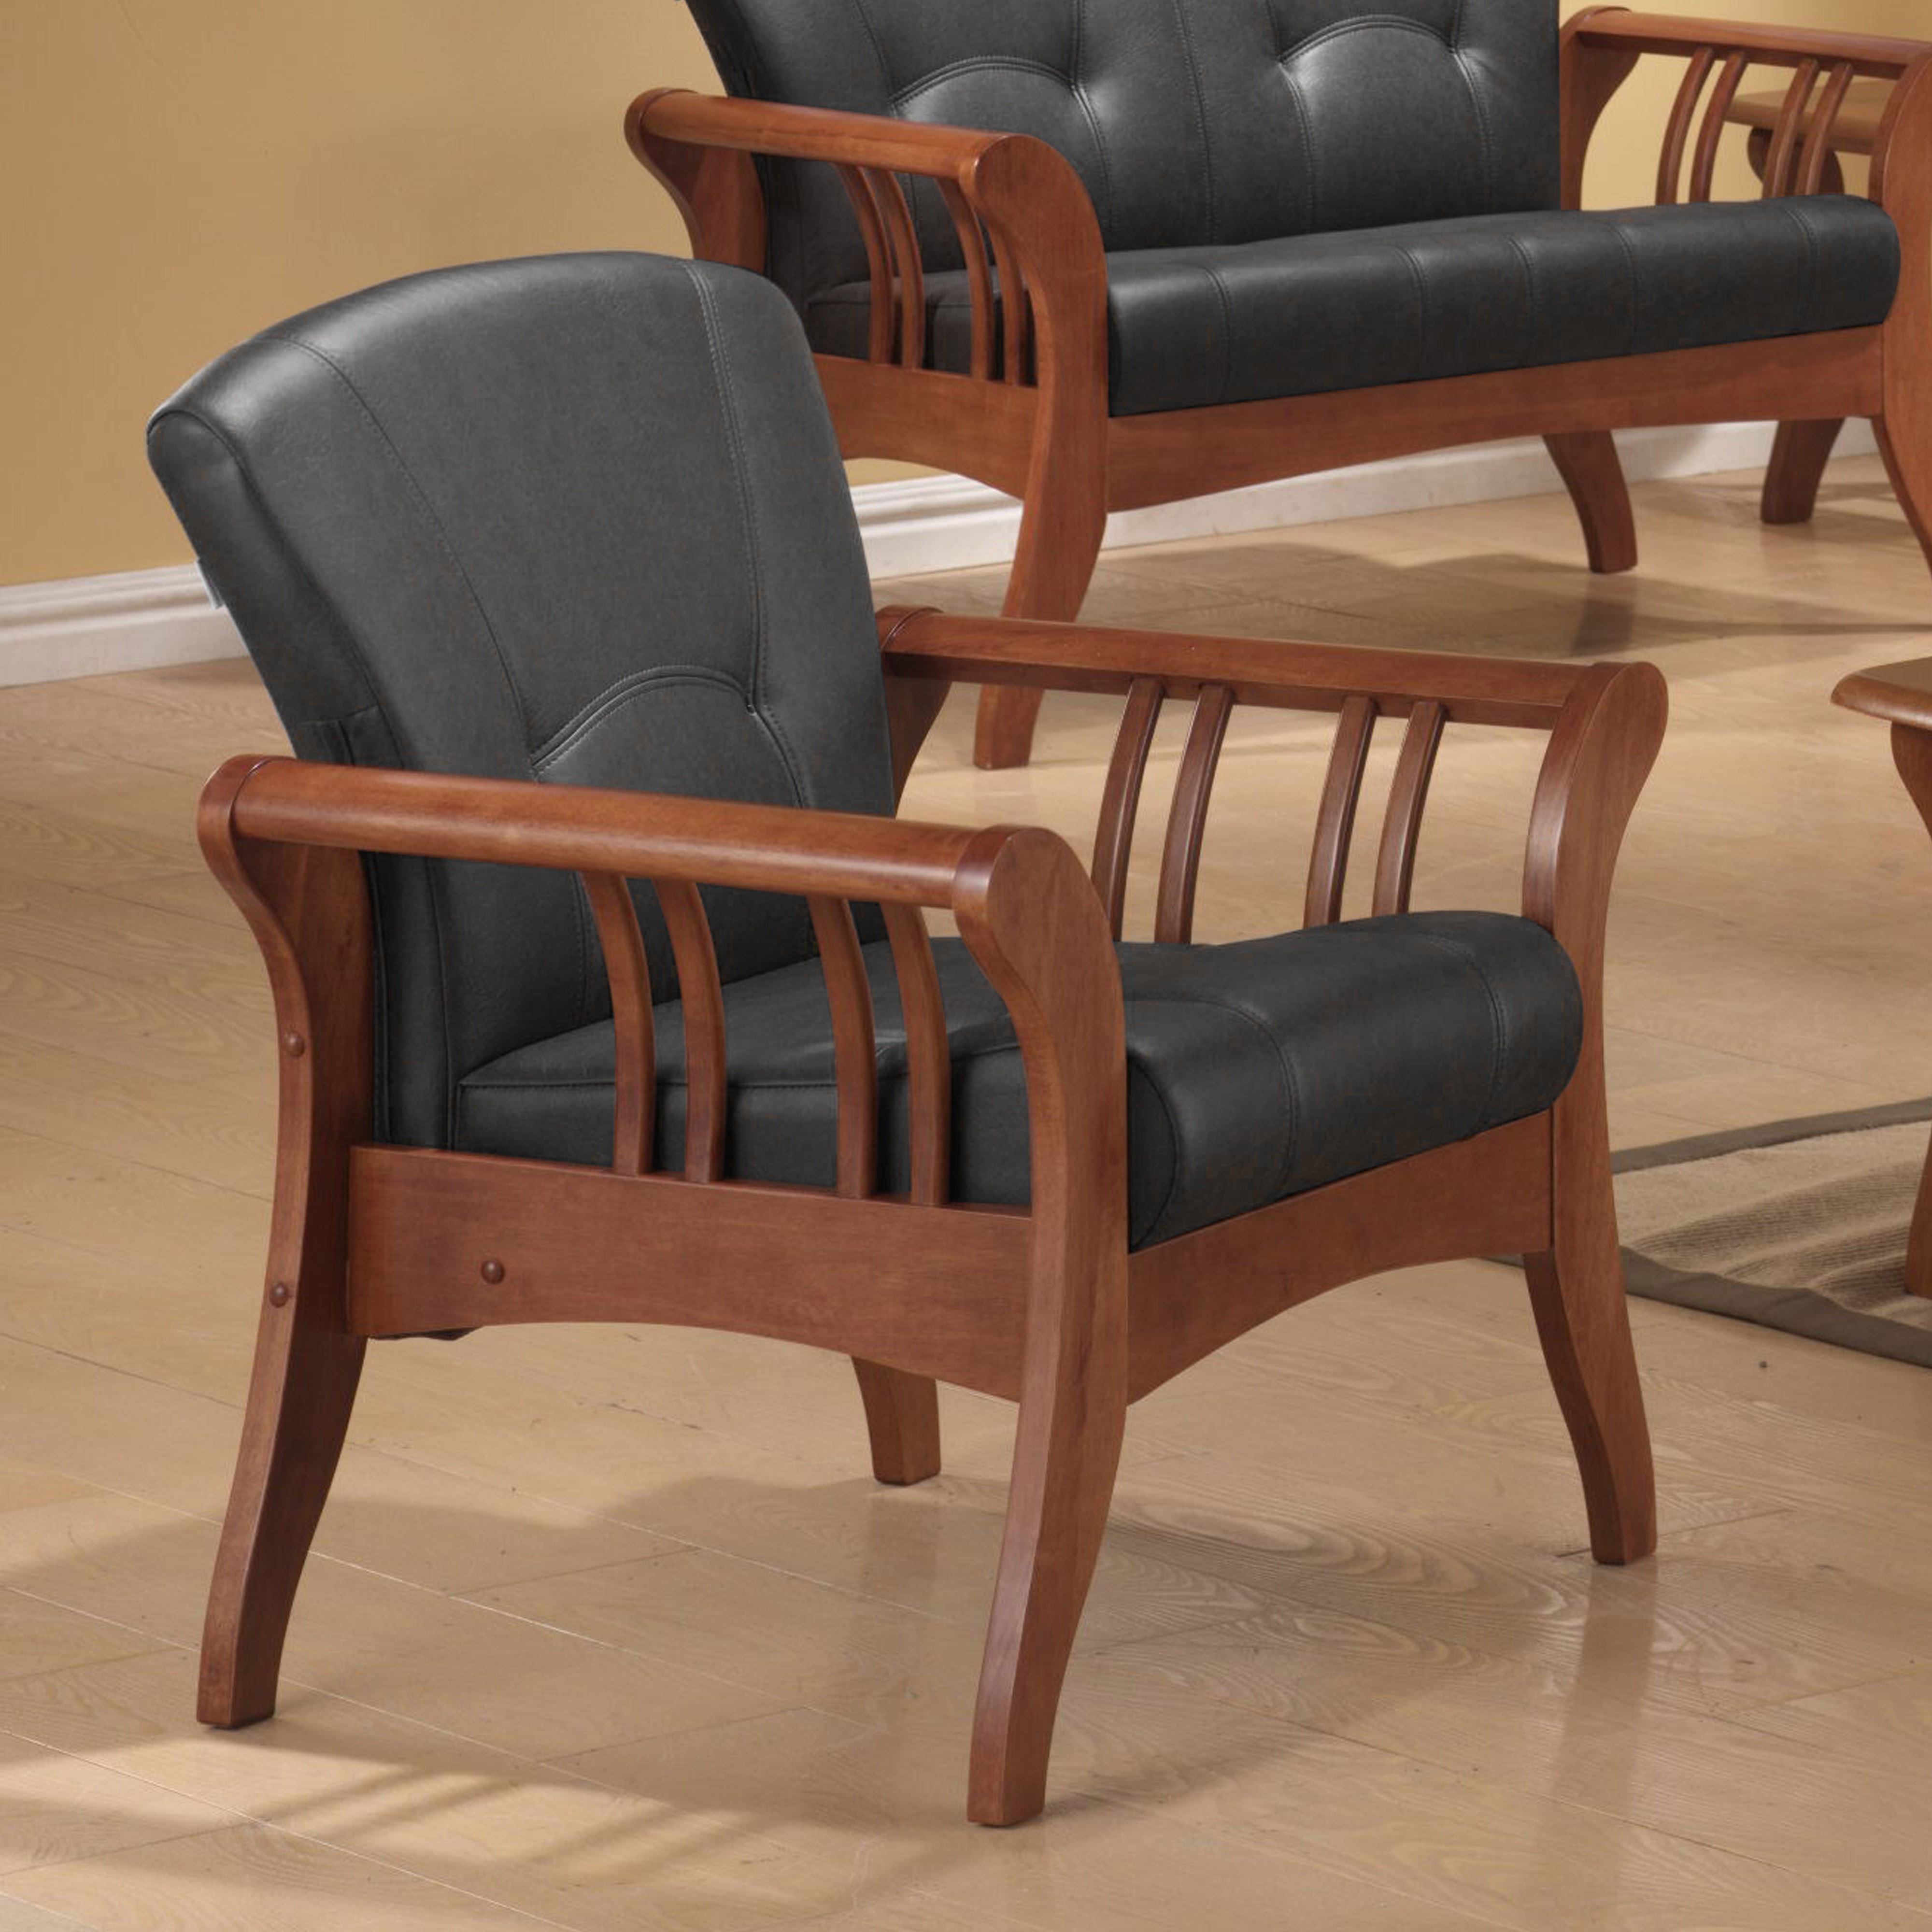 《伊豆》(促銷免運)卡其 ㄧ人沙發 全實木 一人位沙發 一人座 單椅 主人椅 單人椅 皮沙發 木製沙發 !新生活家具! 樂天雙12